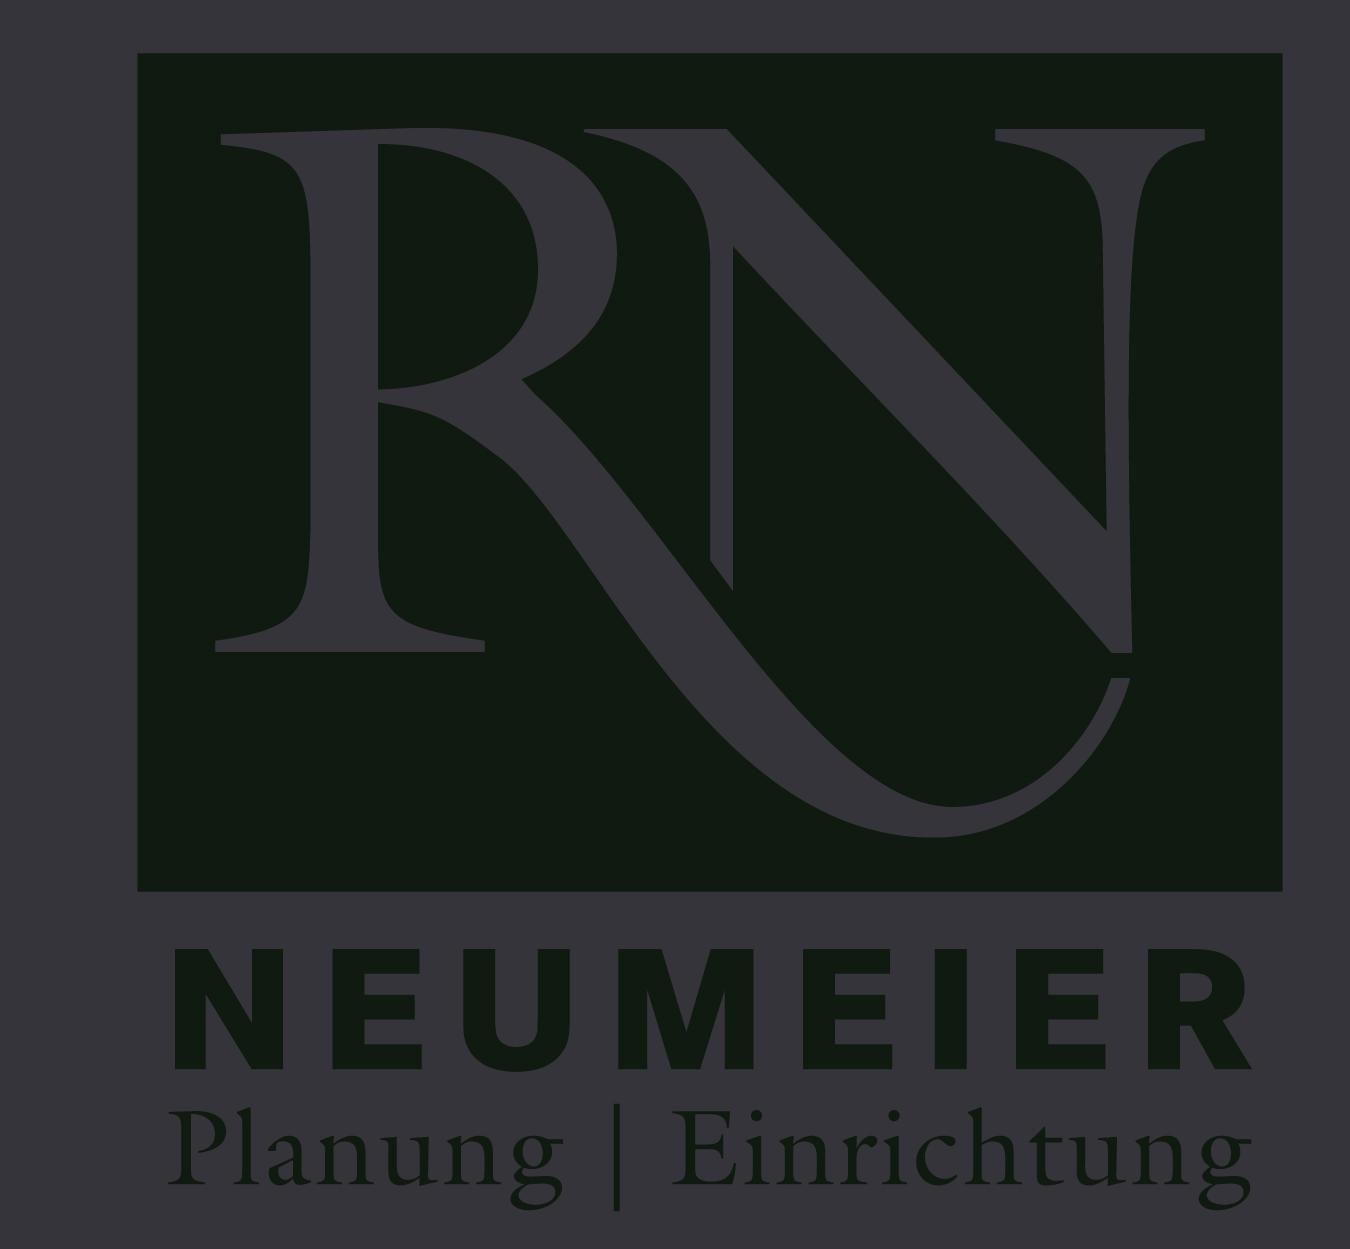 Neumeier GmbH & Co KG